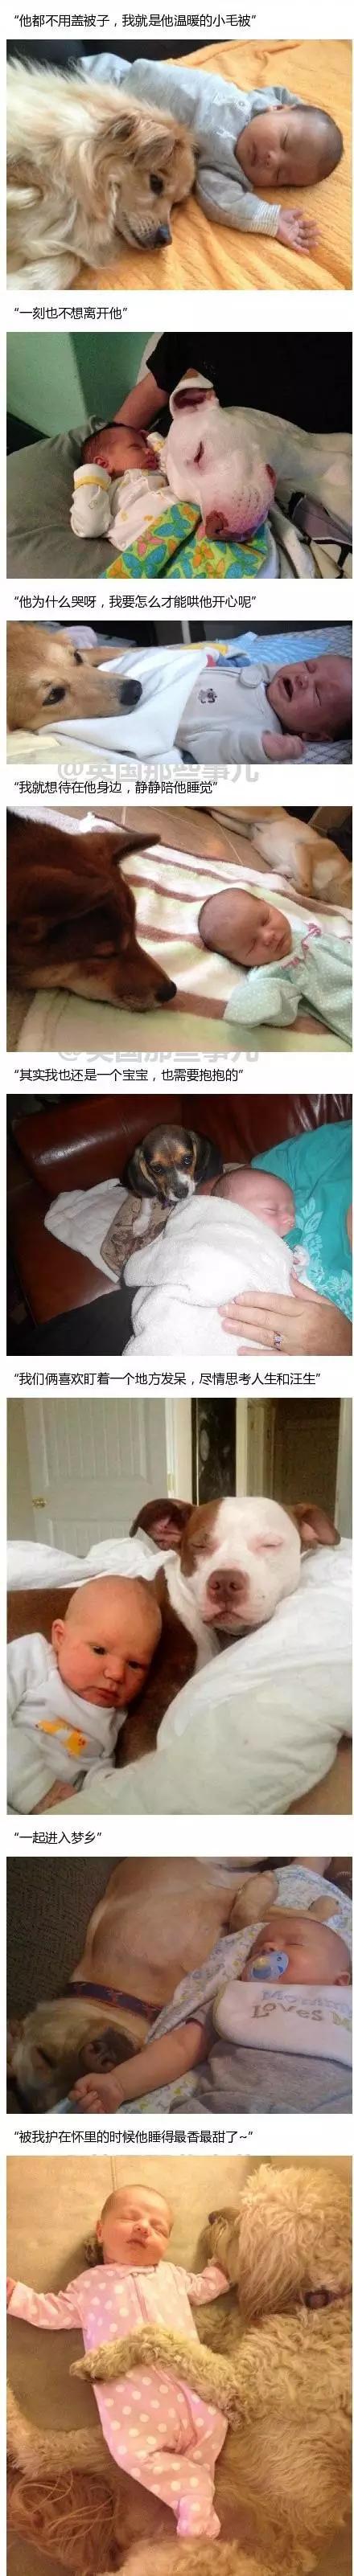 当狗狗第一次见到小baby时